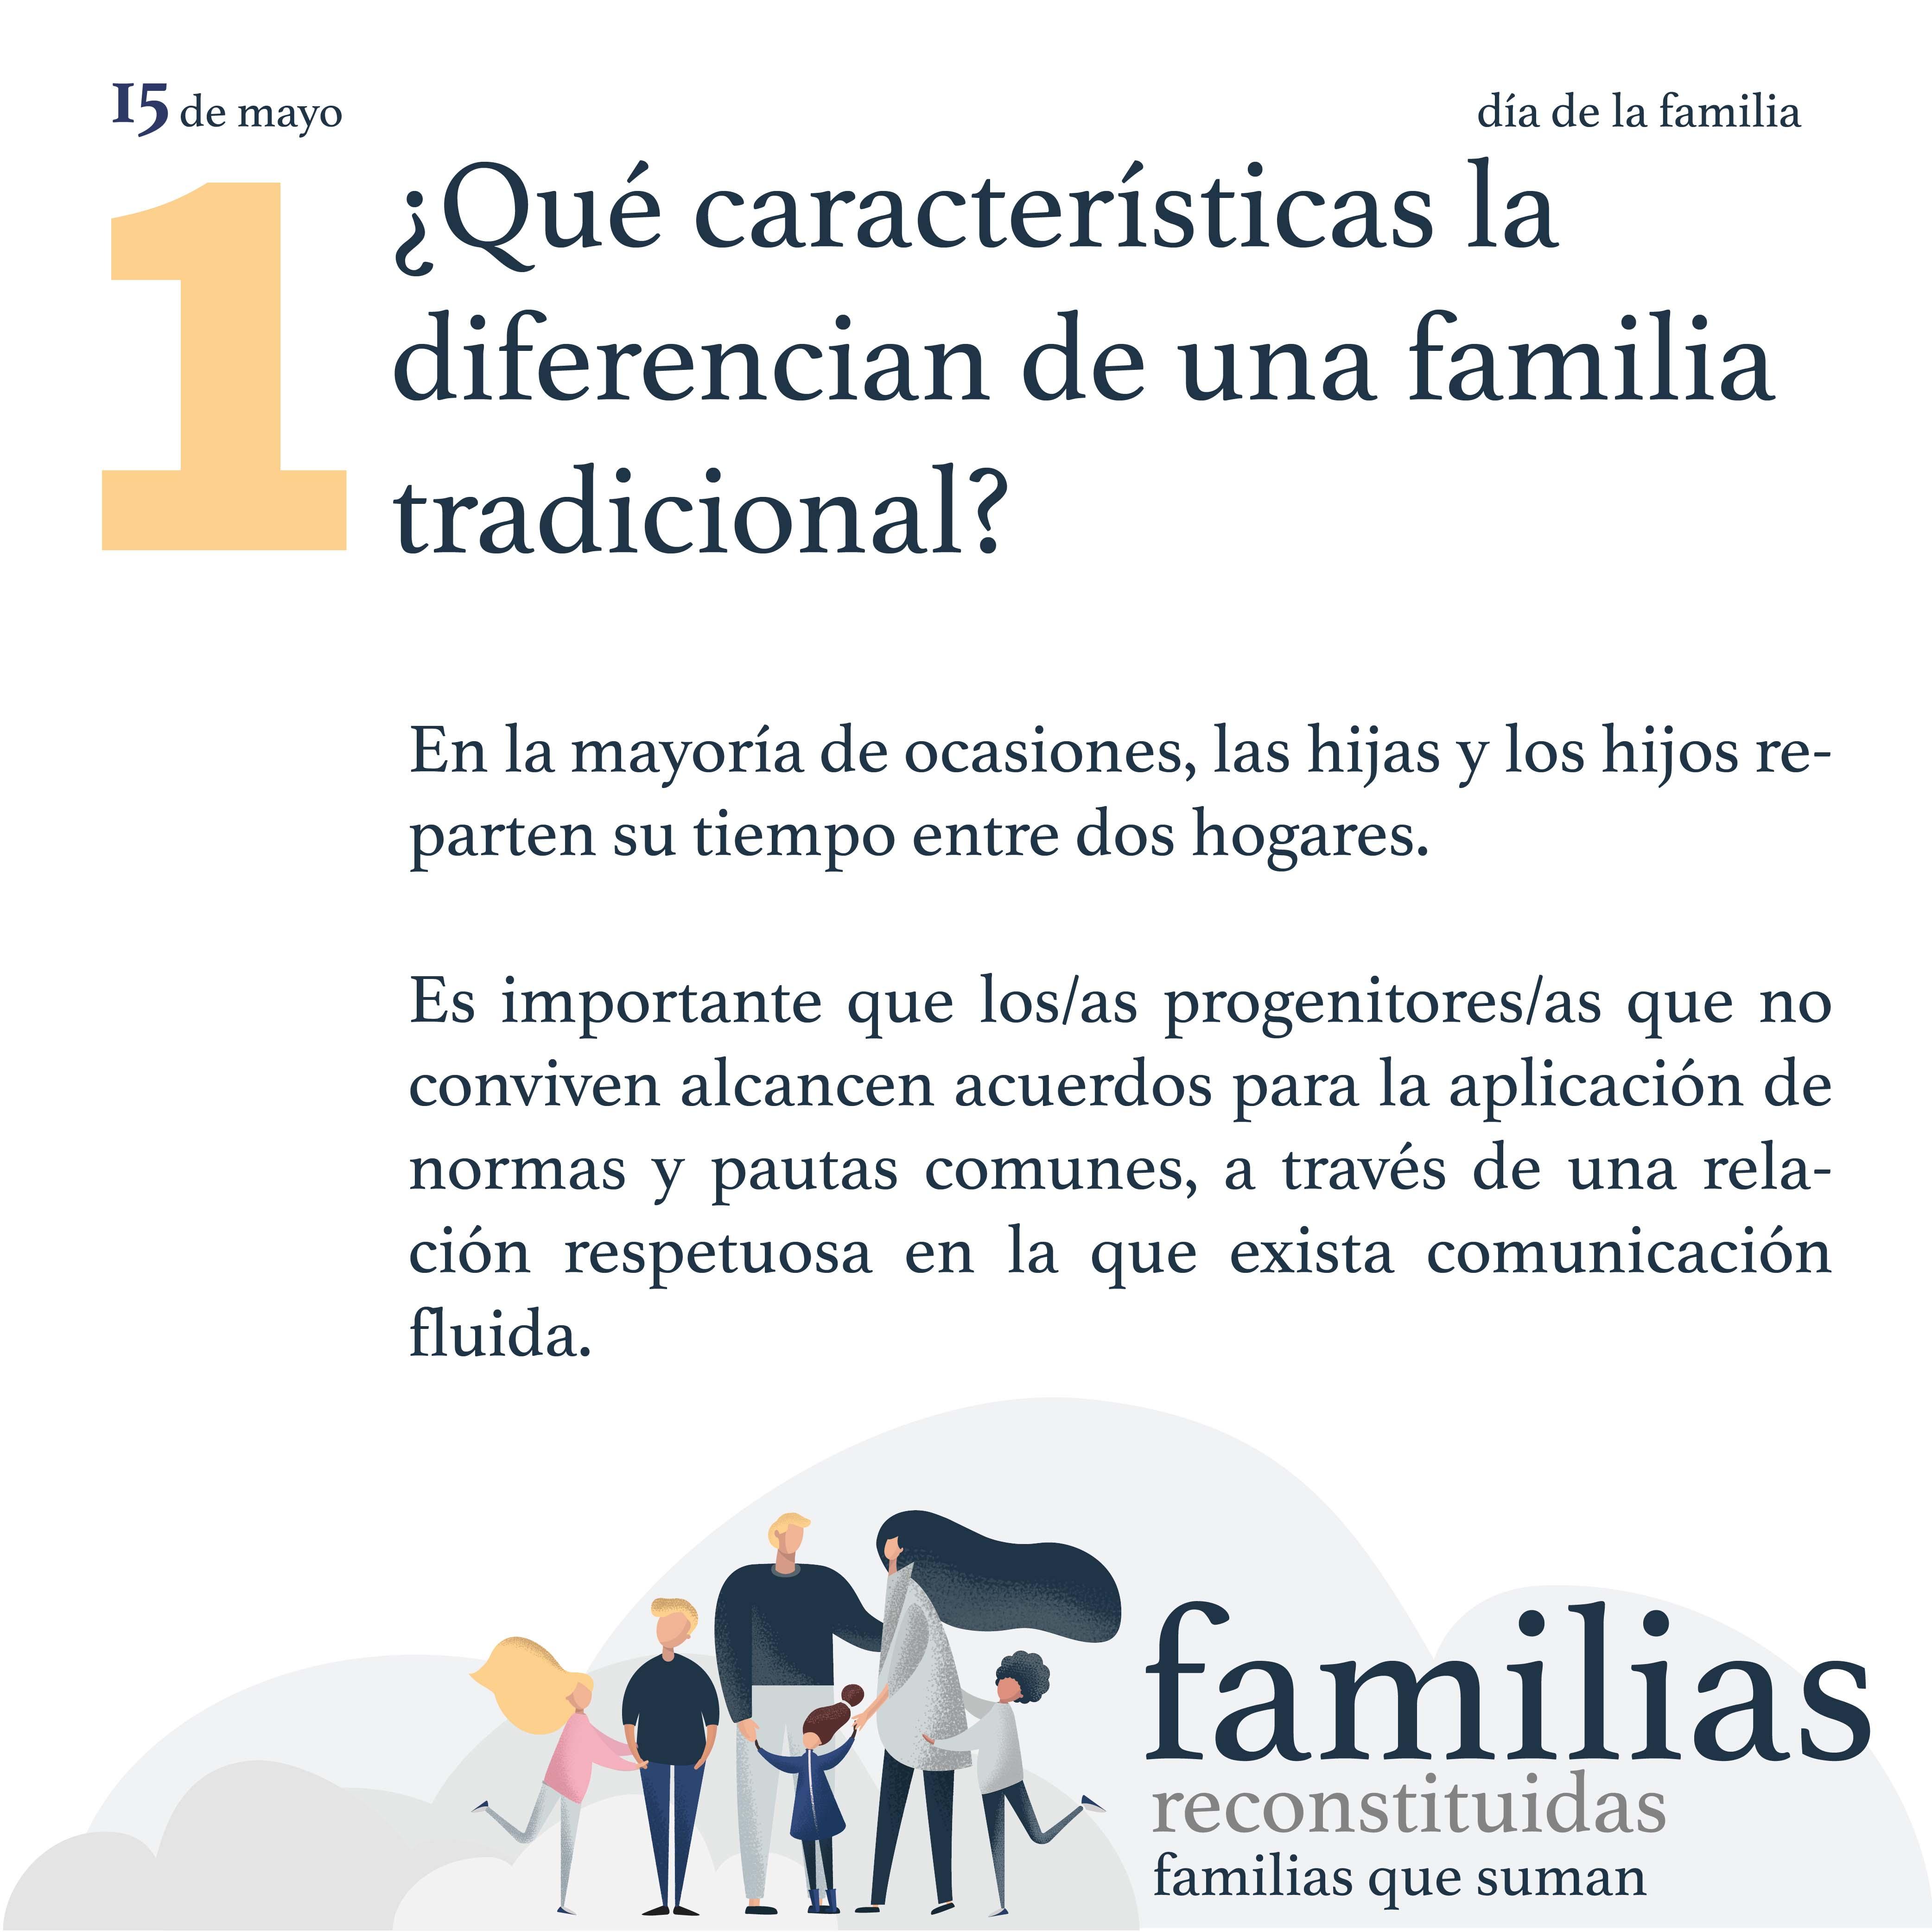 Famiias reconstituidas, familias que suman